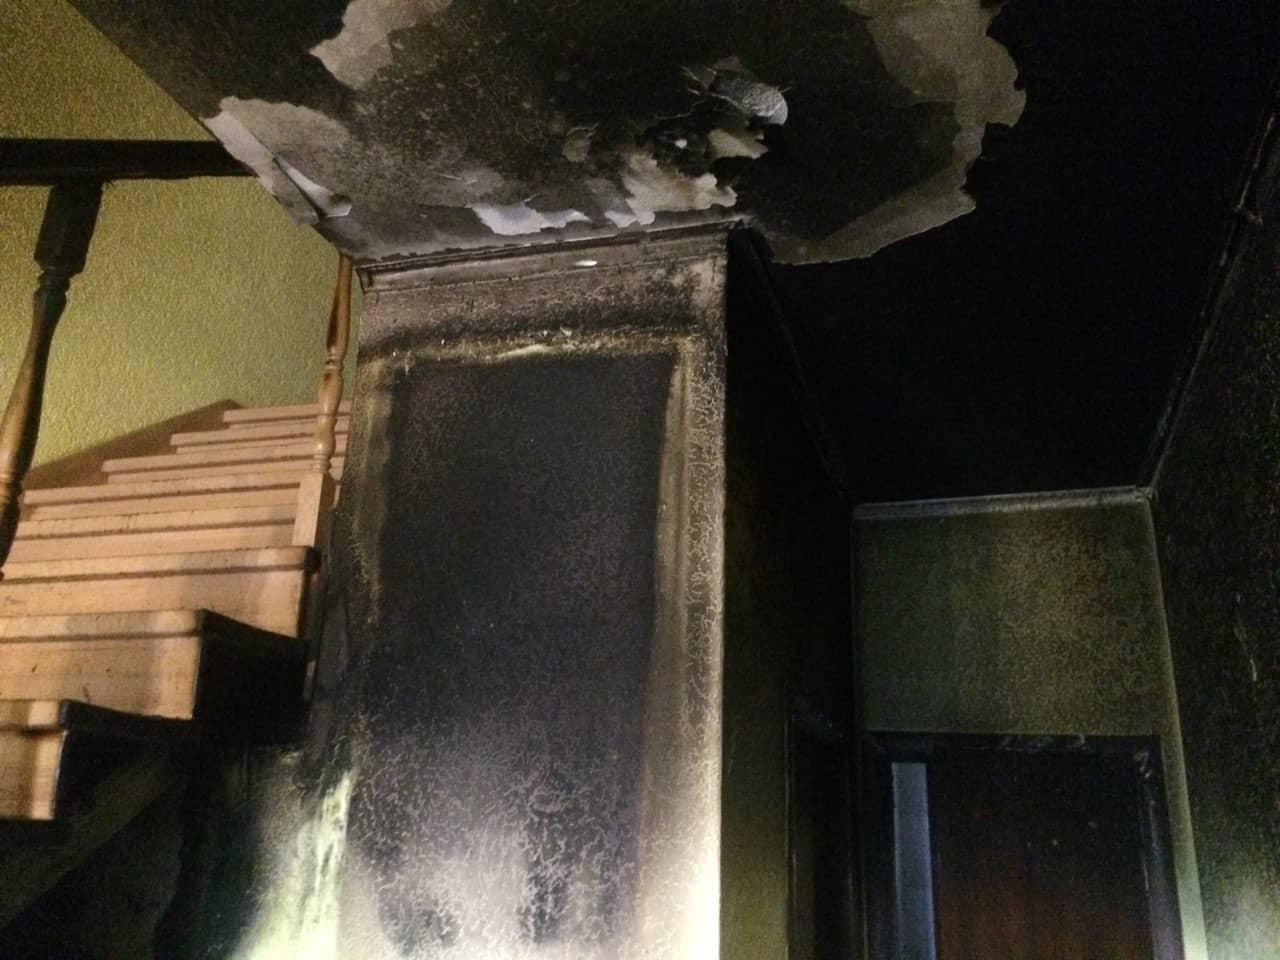 Рятувальники розповіли про пожежі, які сталися вчора в Чинадієві і в Обаві, що на Мукачівщині